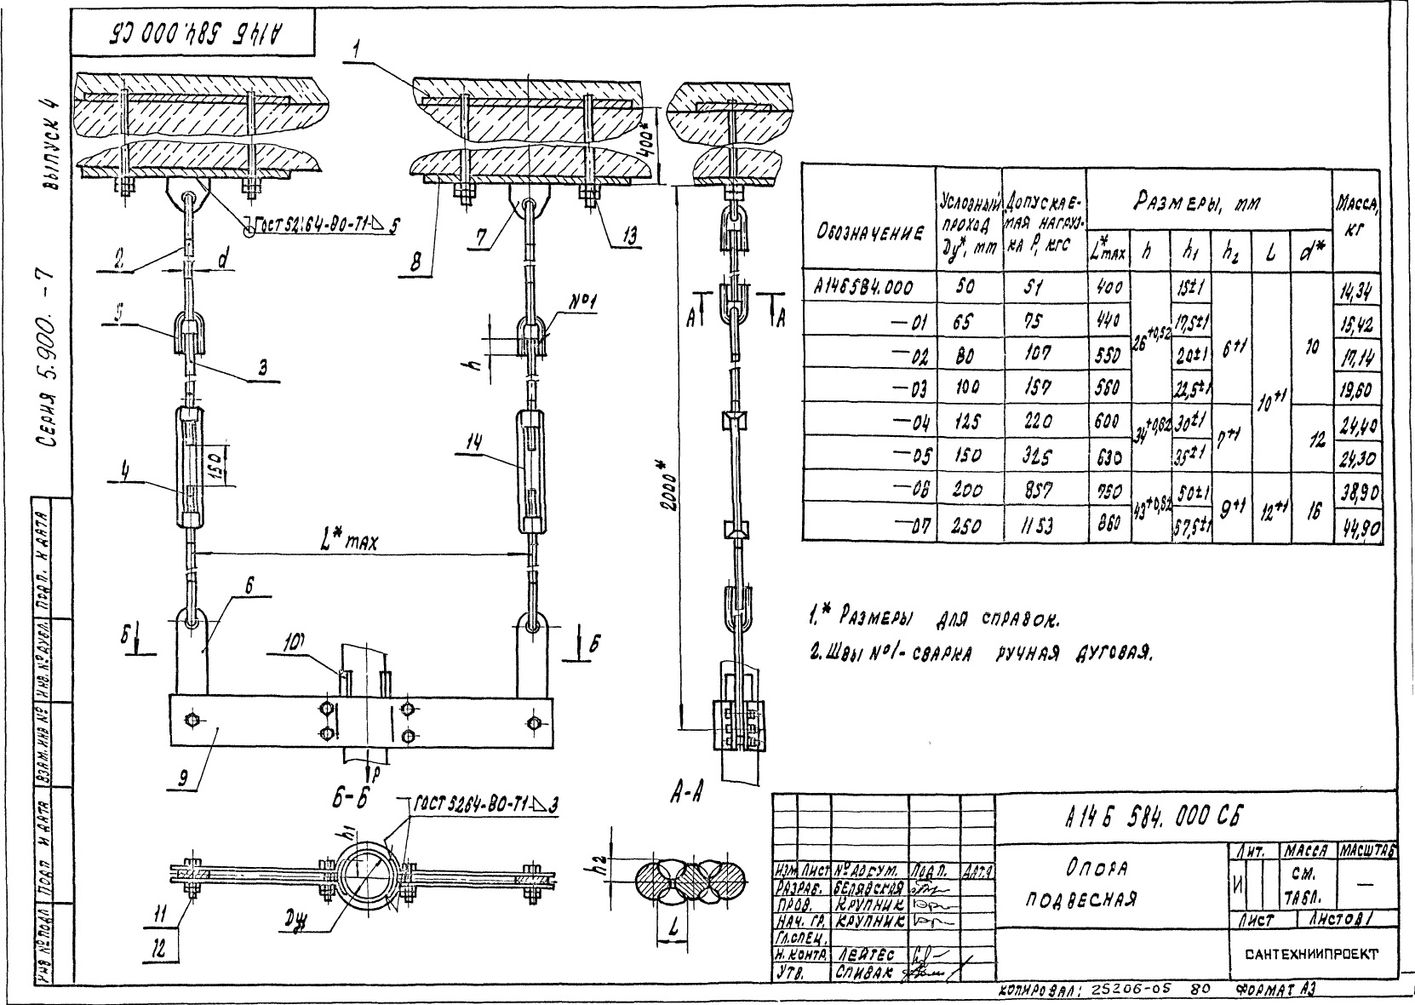 Опора подвесная А14Б 584.000 СБ Серия 5.900-7 выпуск 4 стр.1